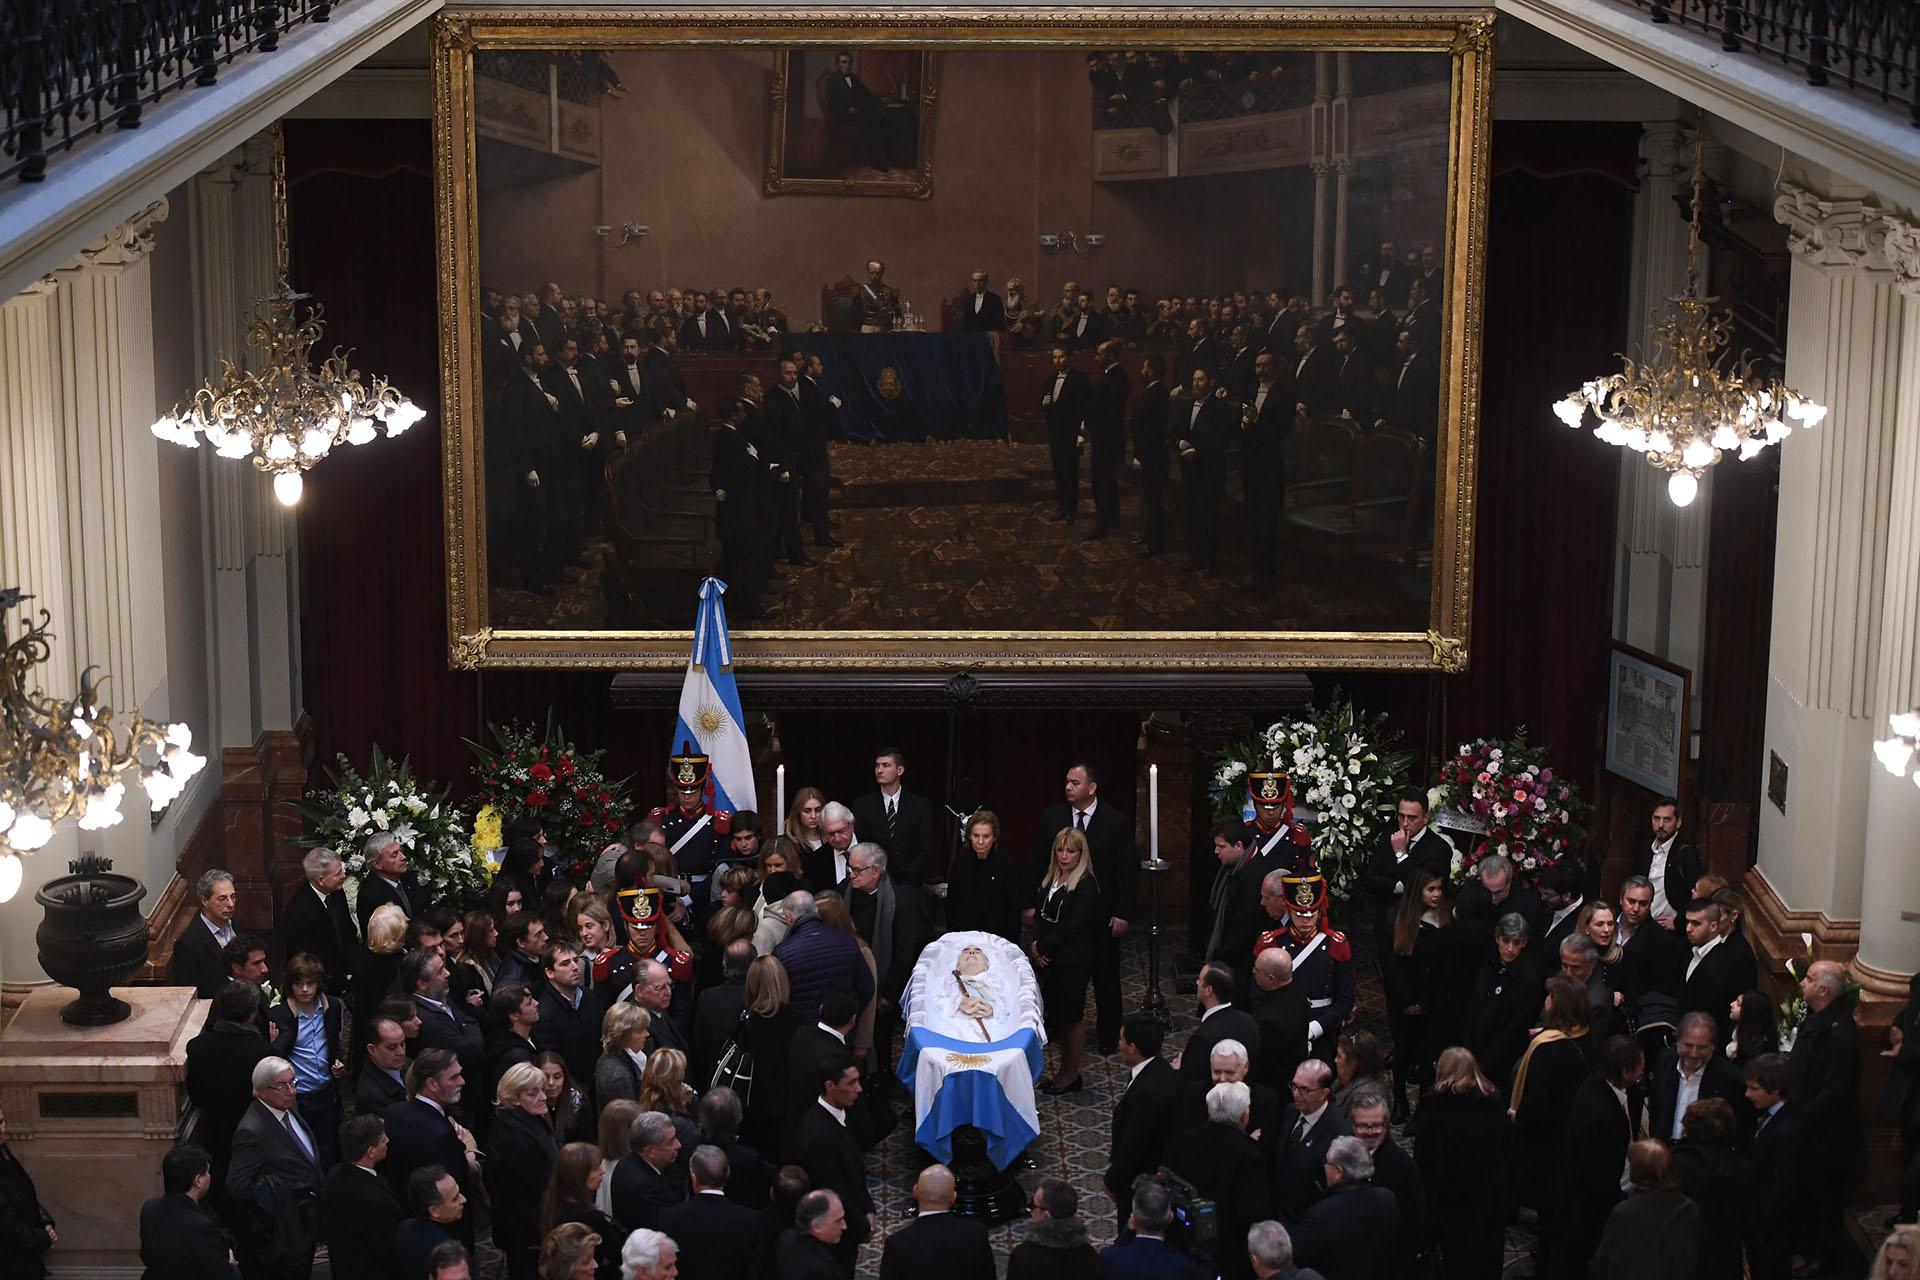 El ex presidente Fernando de la Rúa es velado en el Salón Pasos Perdidos del Congreso de la Nación